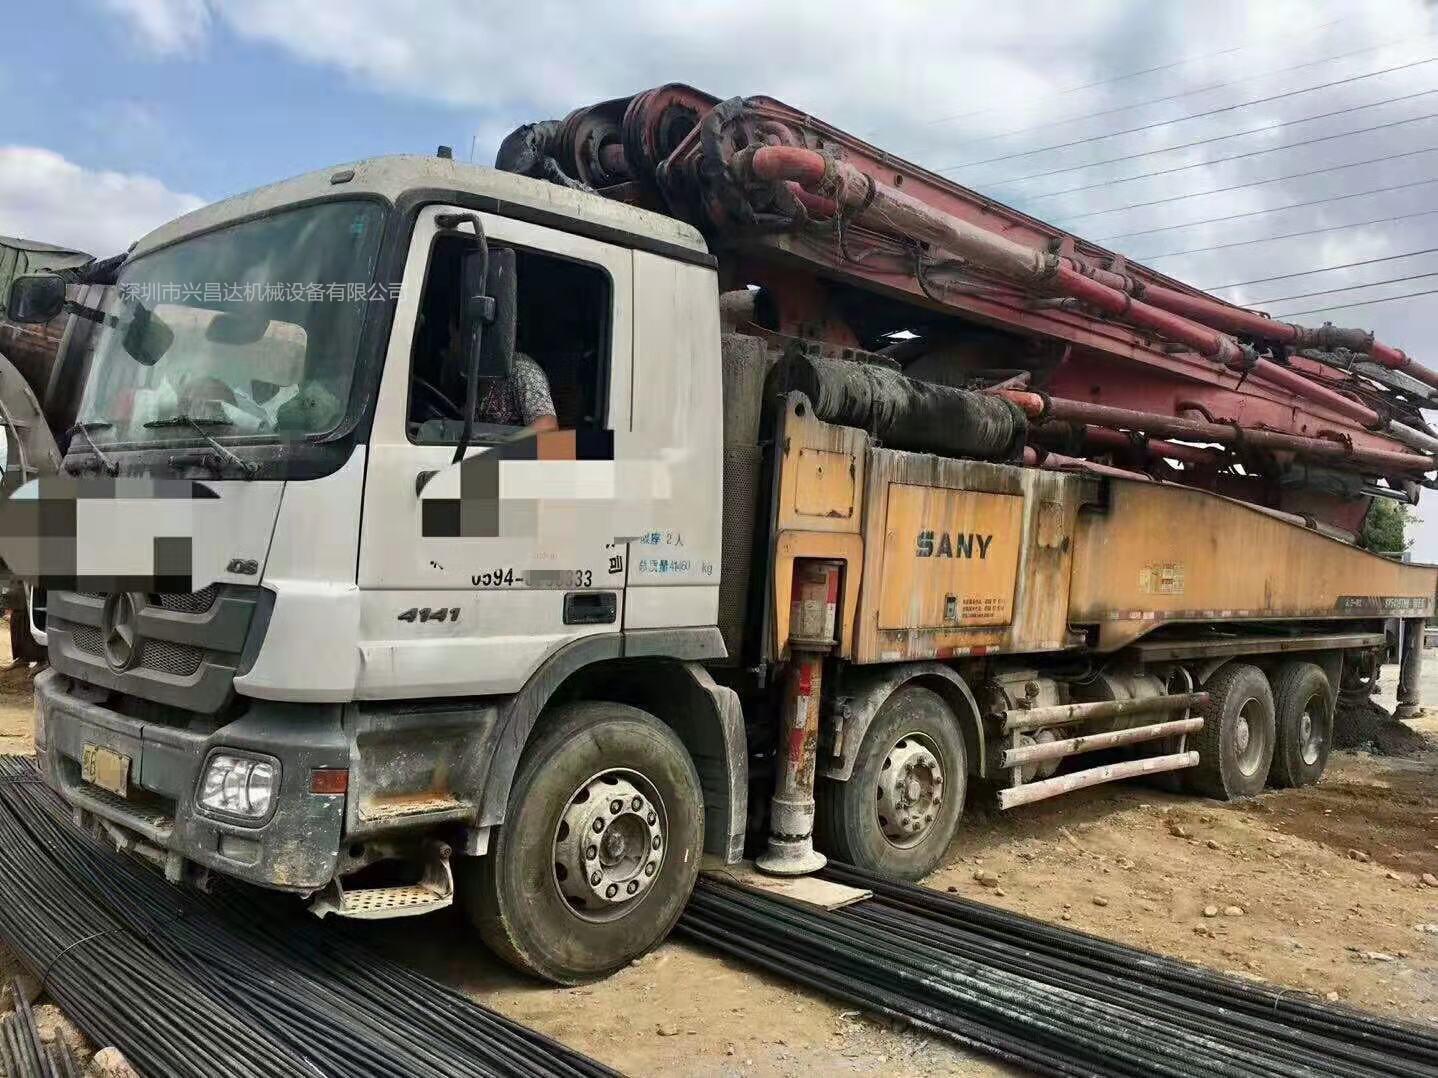 广东深圳2013年上牌未过户56米摩杰泵车,奔驰底盘